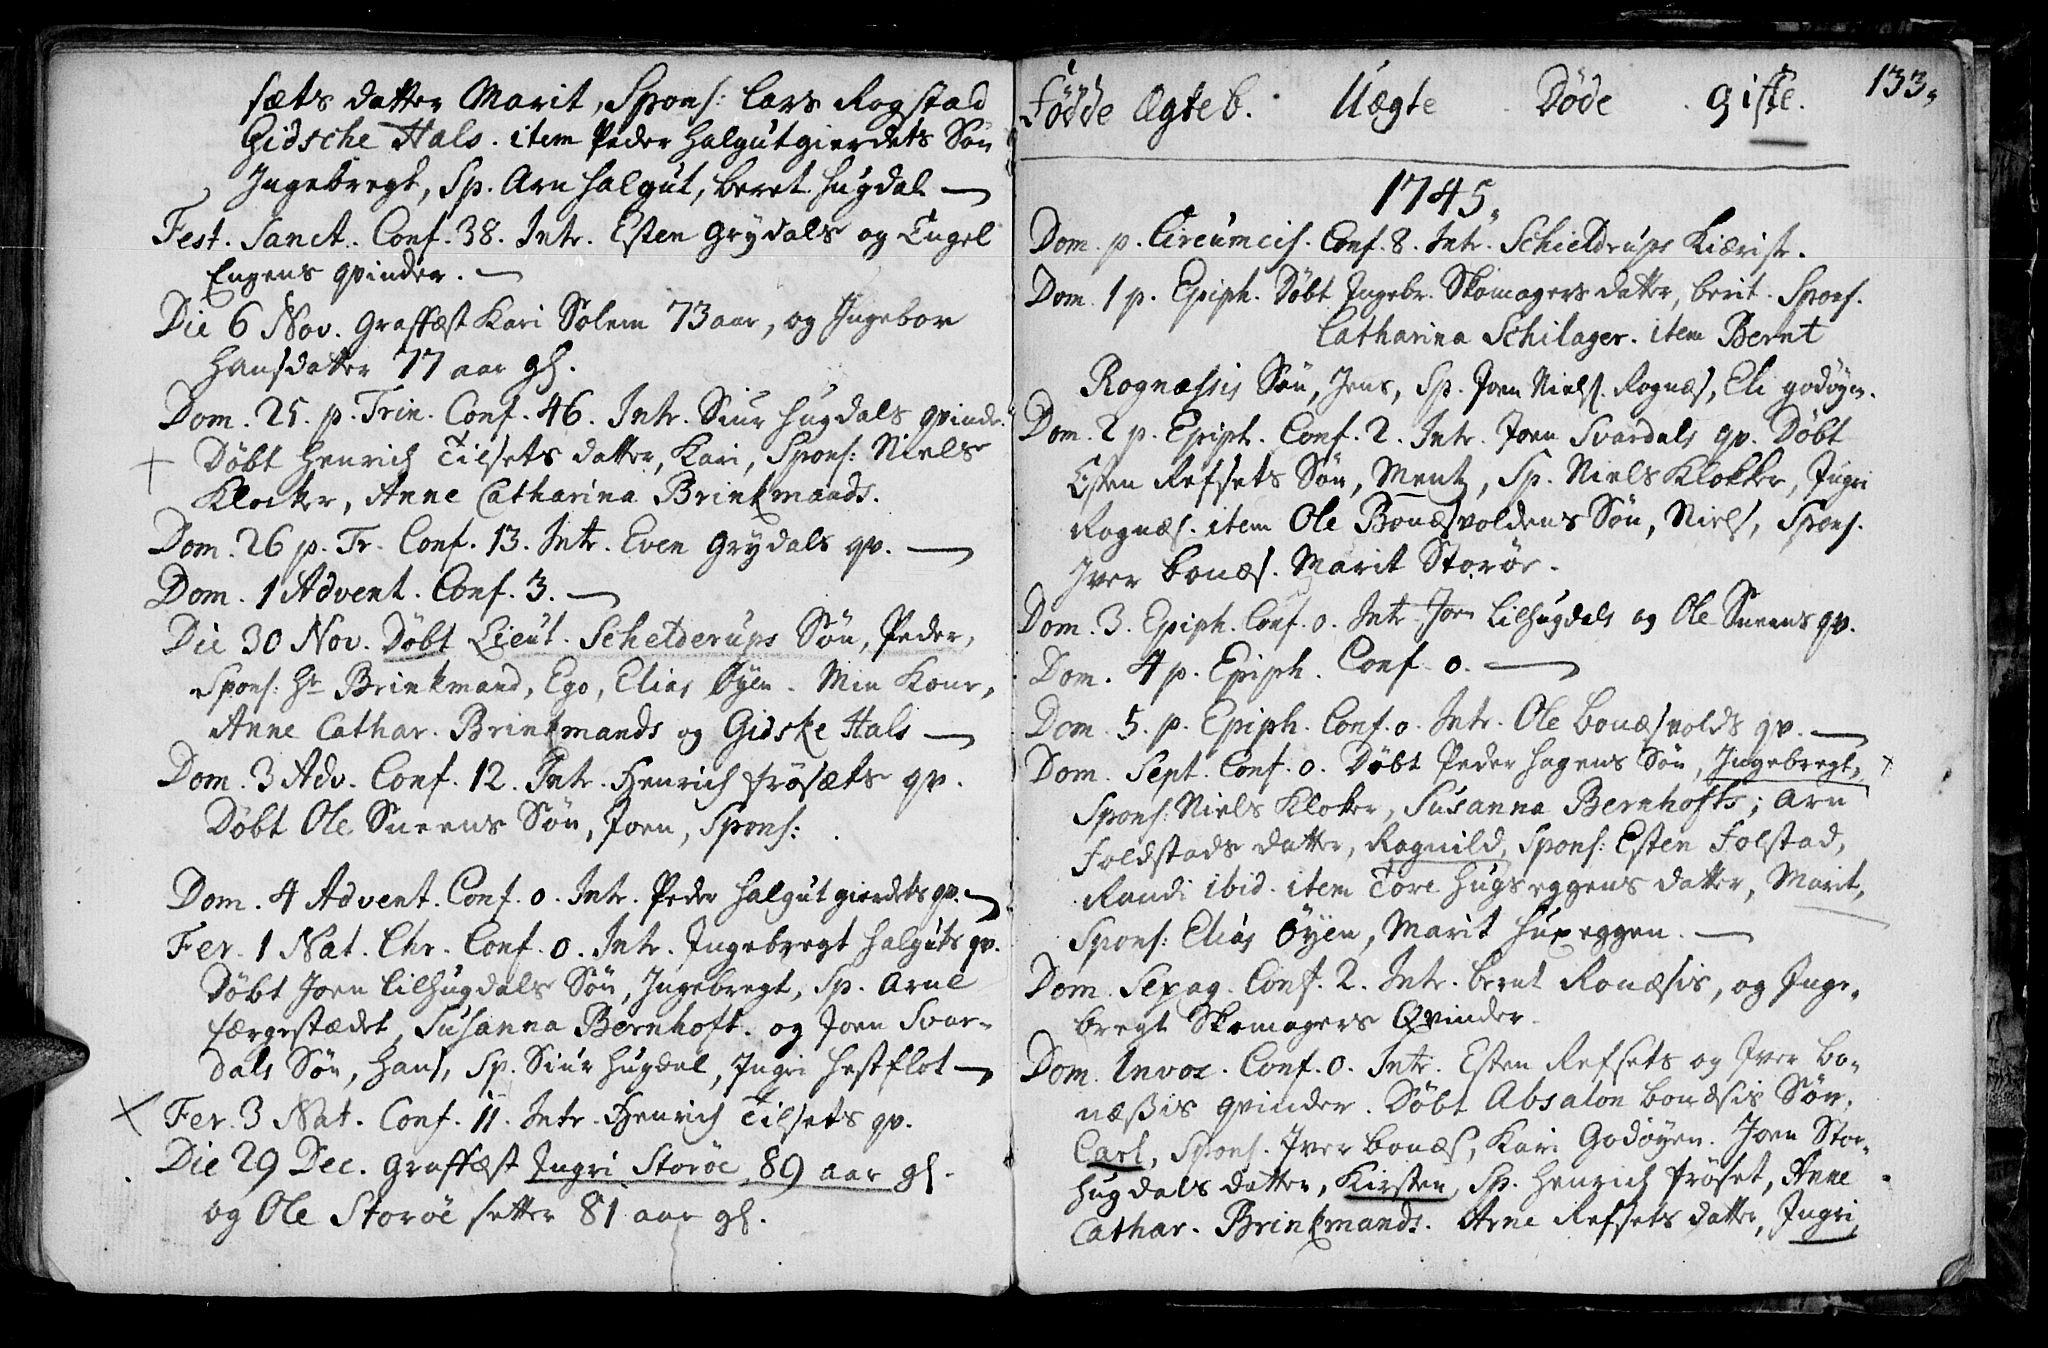 SAT, Ministerialprotokoller, klokkerbøker og fødselsregistre - Sør-Trøndelag, 687/L0990: Ministerialbok nr. 687A01, 1690-1746, s. 133